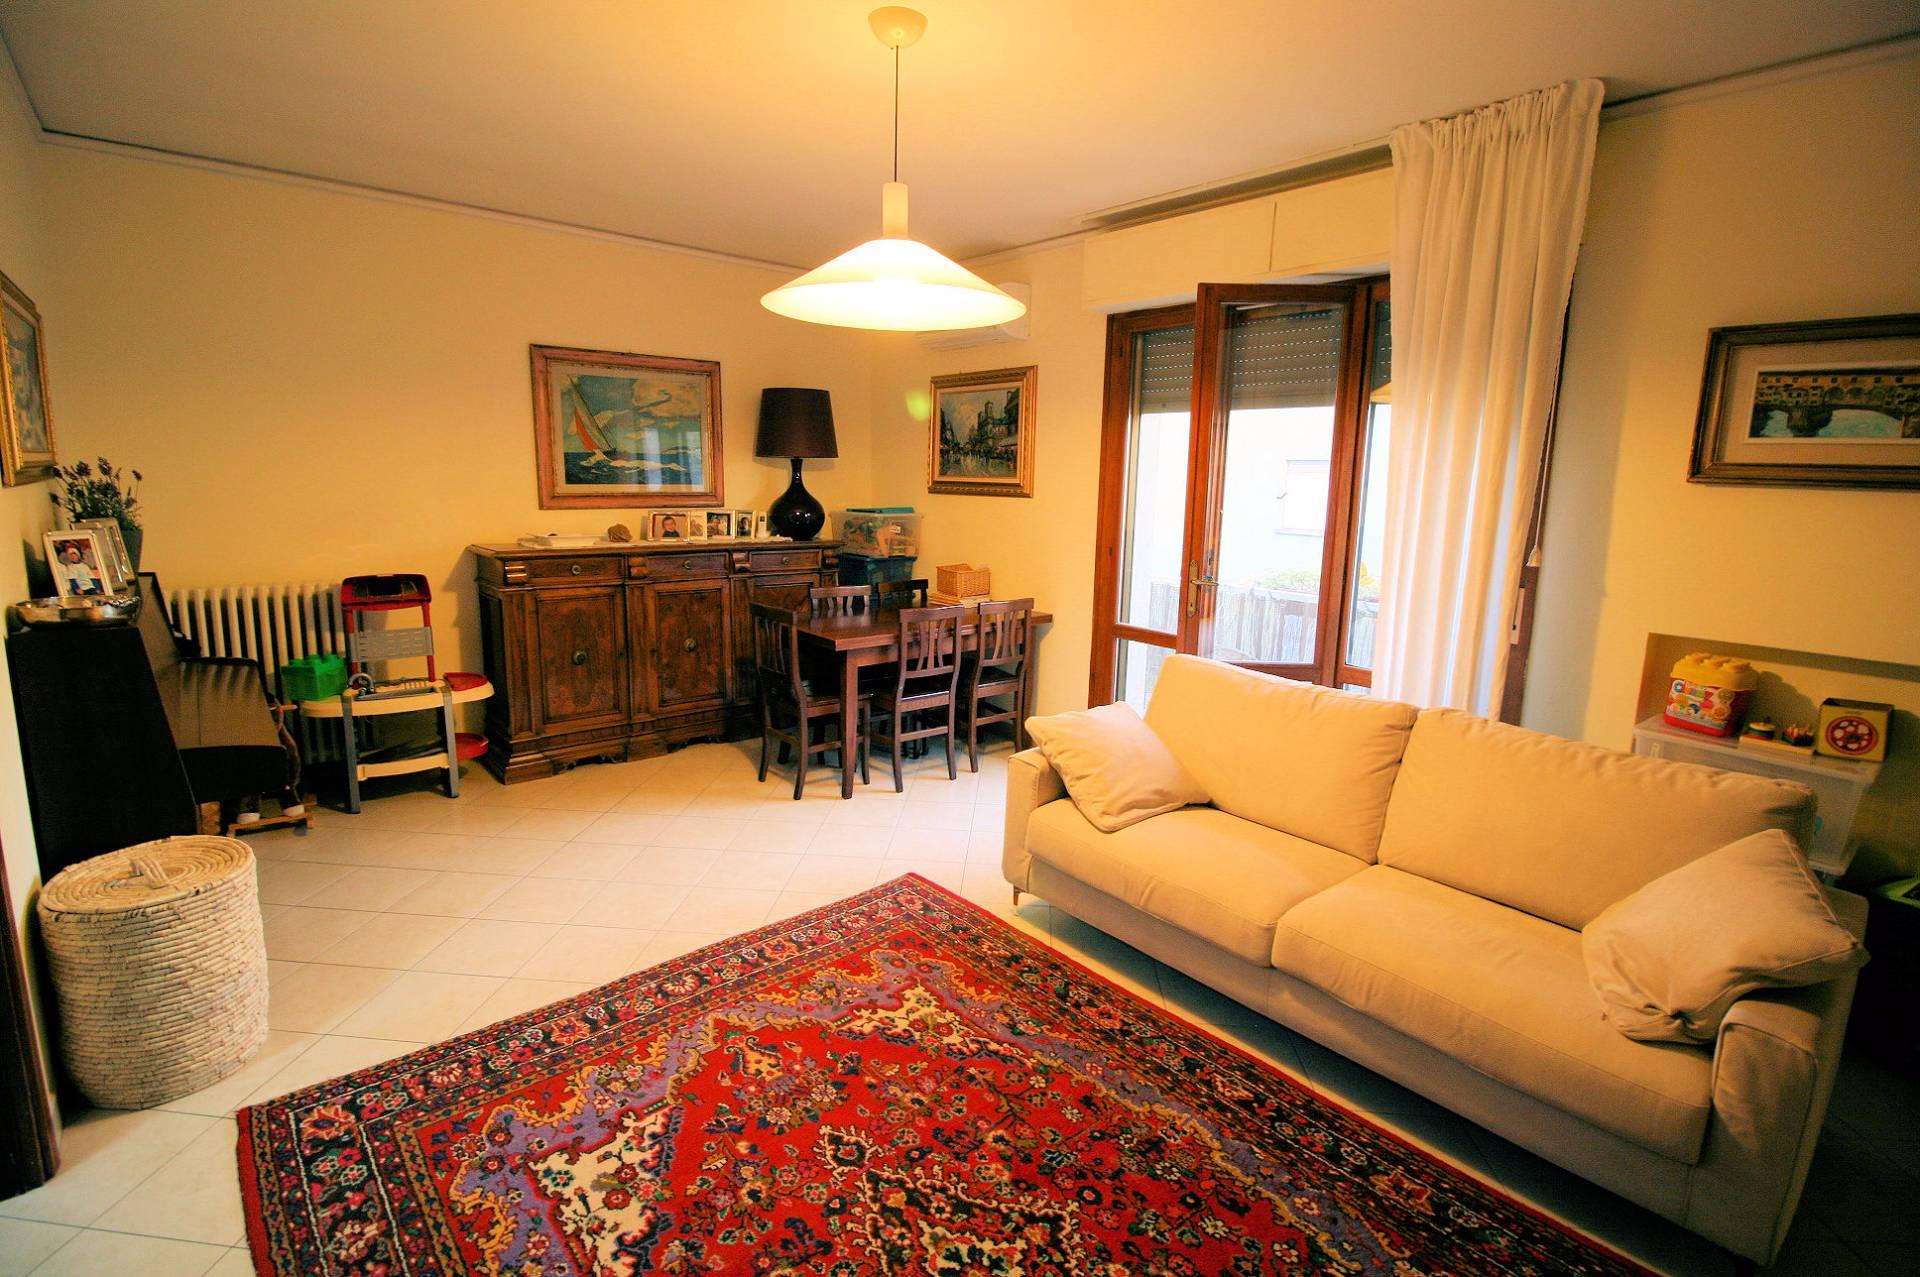 Appartamento in vendita a Montecatini-Terme, 5 locali, prezzo € 185.000 | CambioCasa.it